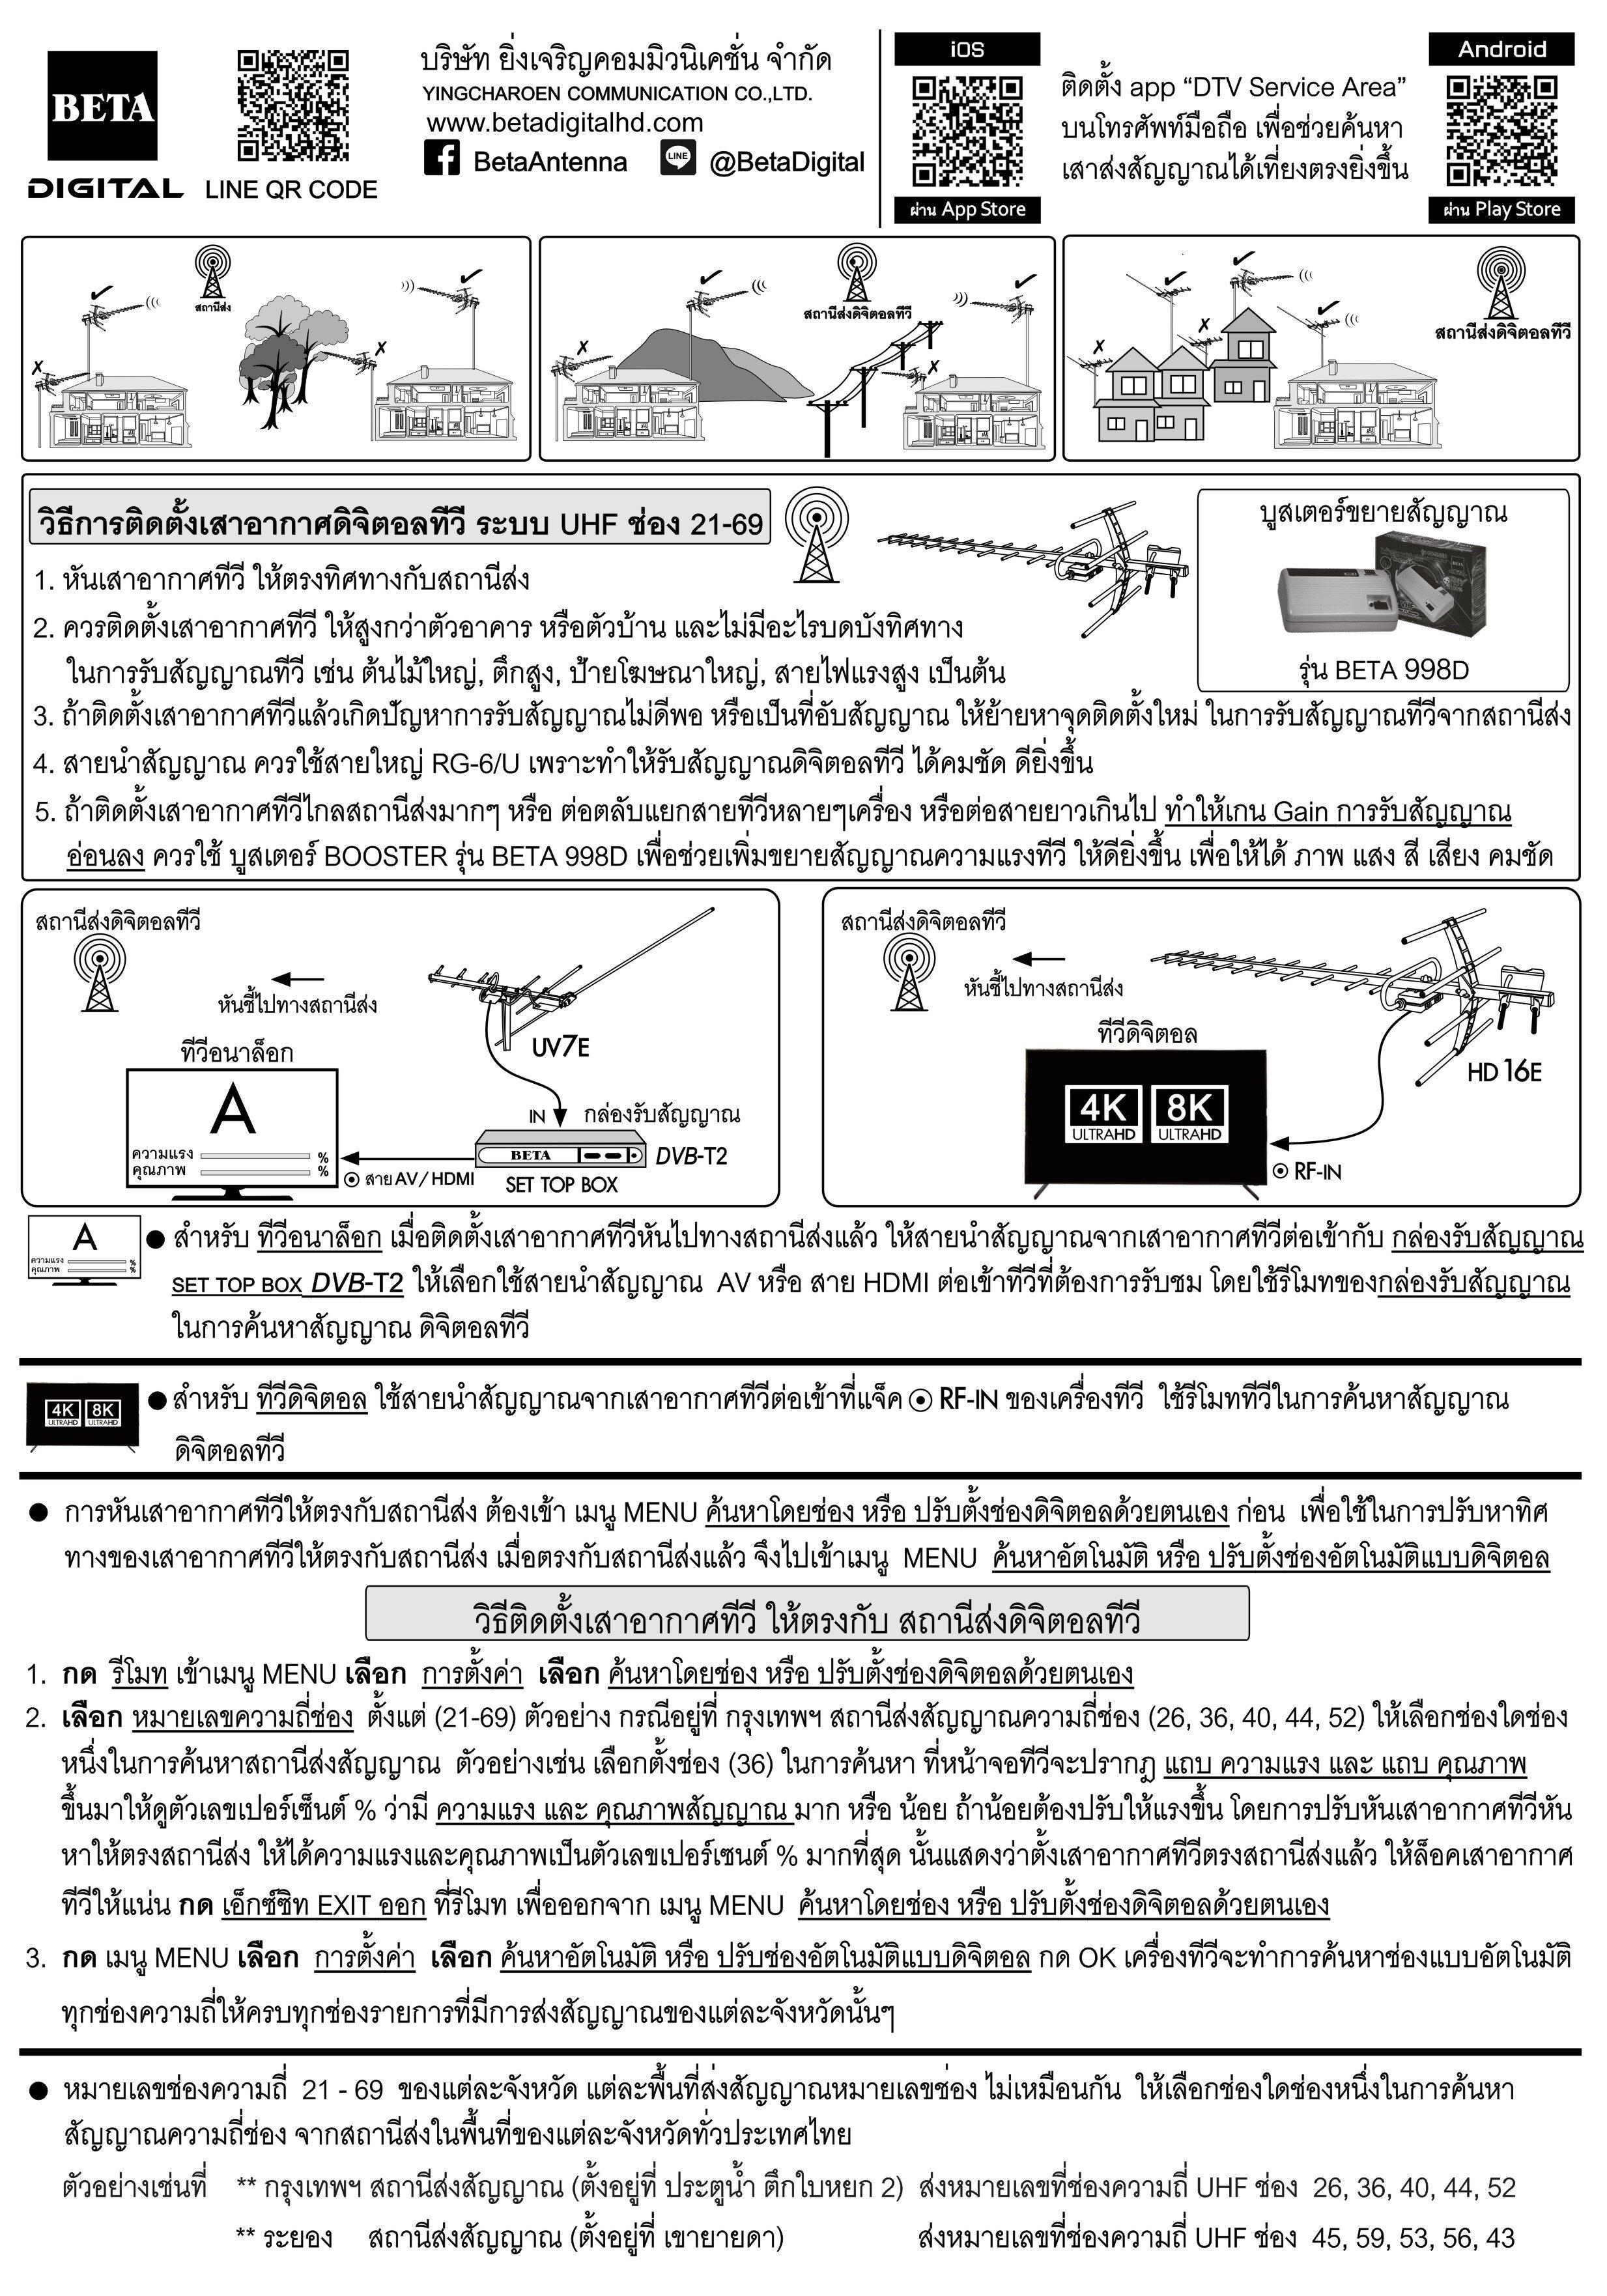 สอนวิธีการติดตั้งเสา_070962.JPG